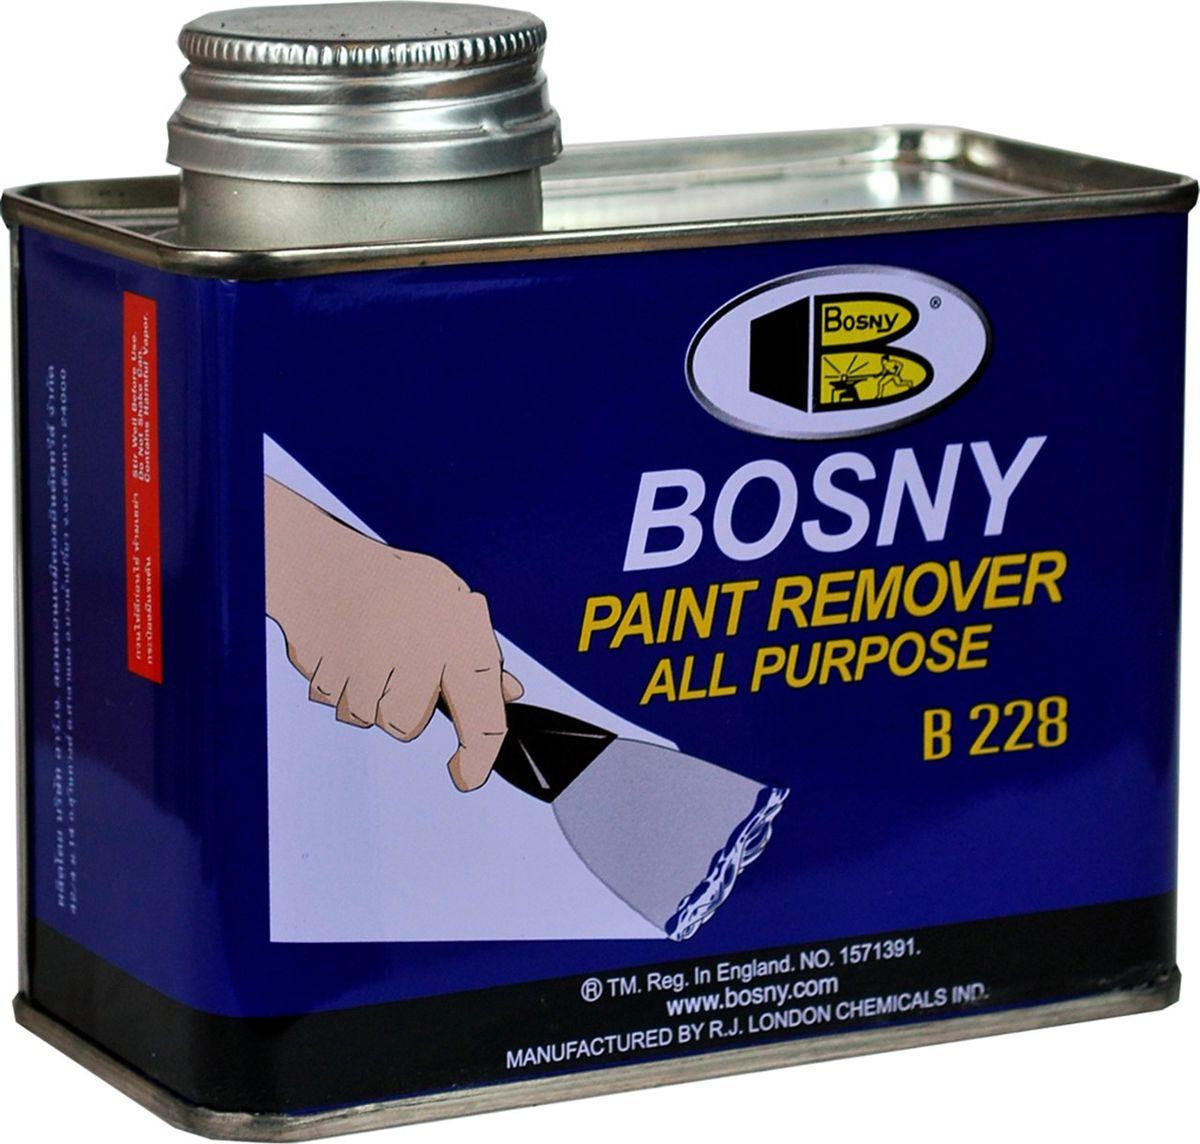 Смывка краски универсальная Bosny, гель, 400 г228Универсальнаясмывка краски Bosny - это мощное средствона гелевой основе. Подходит для удаления масляных красок, синтетических эмалей, различныхлаков, в том числецеллюлозных, эмалей горячей сушки, и других видов лакокрасочных покрытий. Может использоваться как для бытовых, так и для промышленных целей. Гелевая консистенция смывки имеет несколько преимуществ по сравнению с жидкими или аэрозольными составами:- После нанесения гелеобразный состав образует равномерный слой одинаковой толщины по всей поверхности. - Можно легко и точно дозировать расход материала. - Исключено попадание случайных брызг на соседние участки поверхности. - Не требует предварительного размешивания.